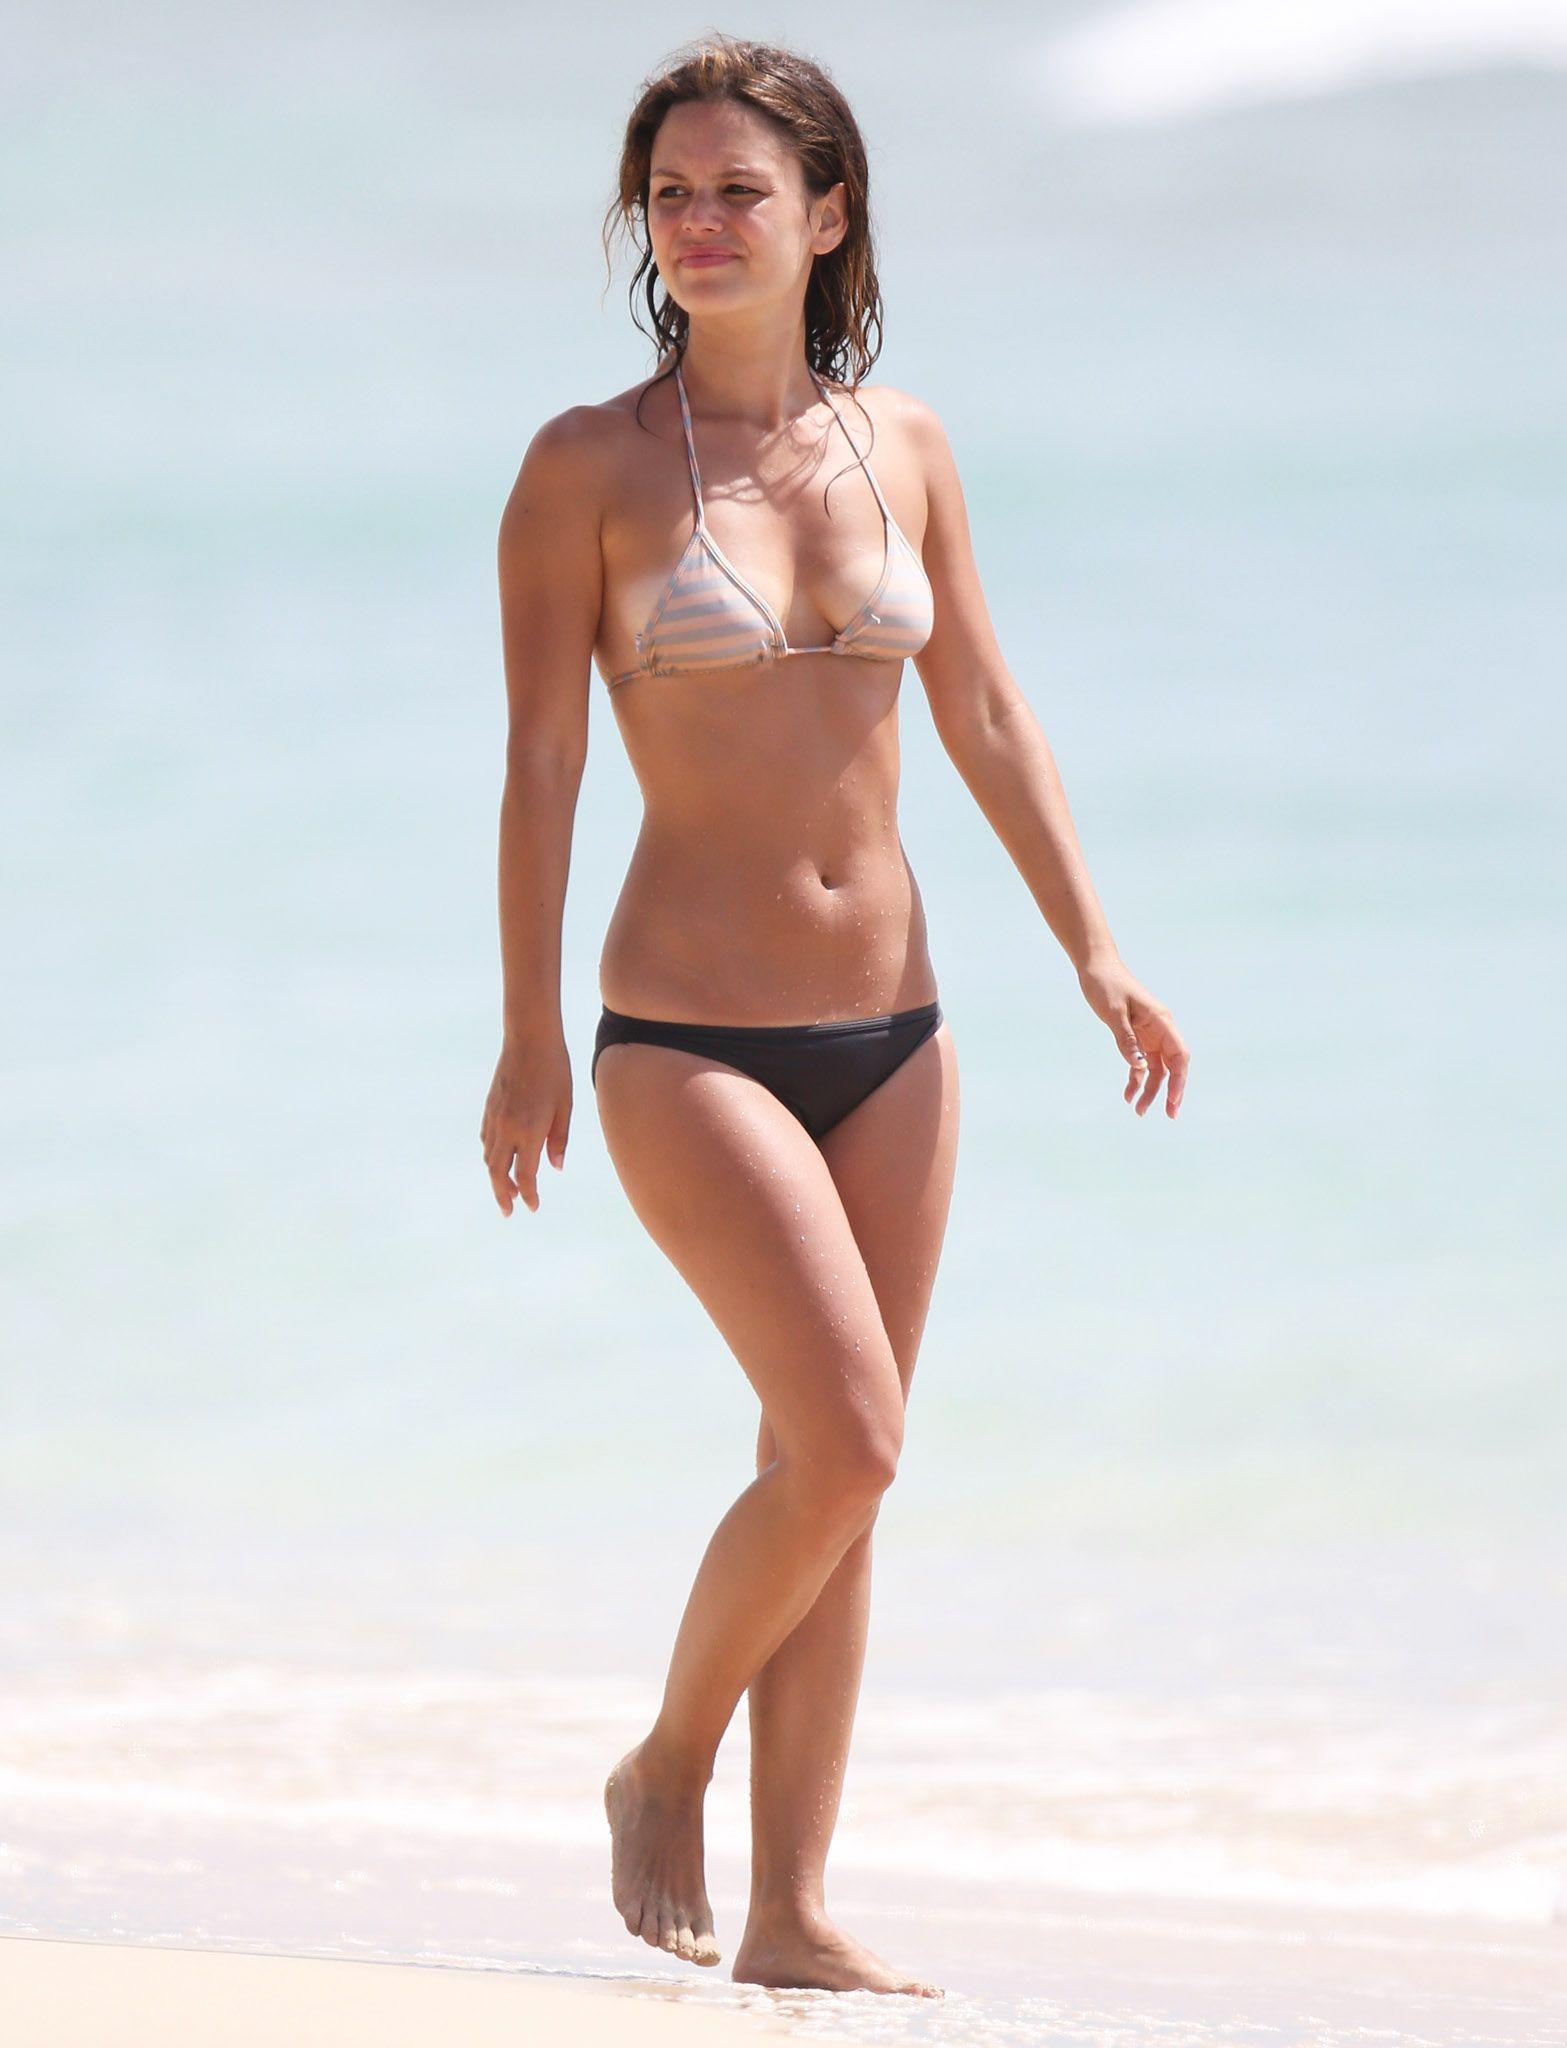 Mit ihre schlanke Körper und Dunkelbraun Haartyp ohne BH (BH-Größe ) auf Strand im Bikini